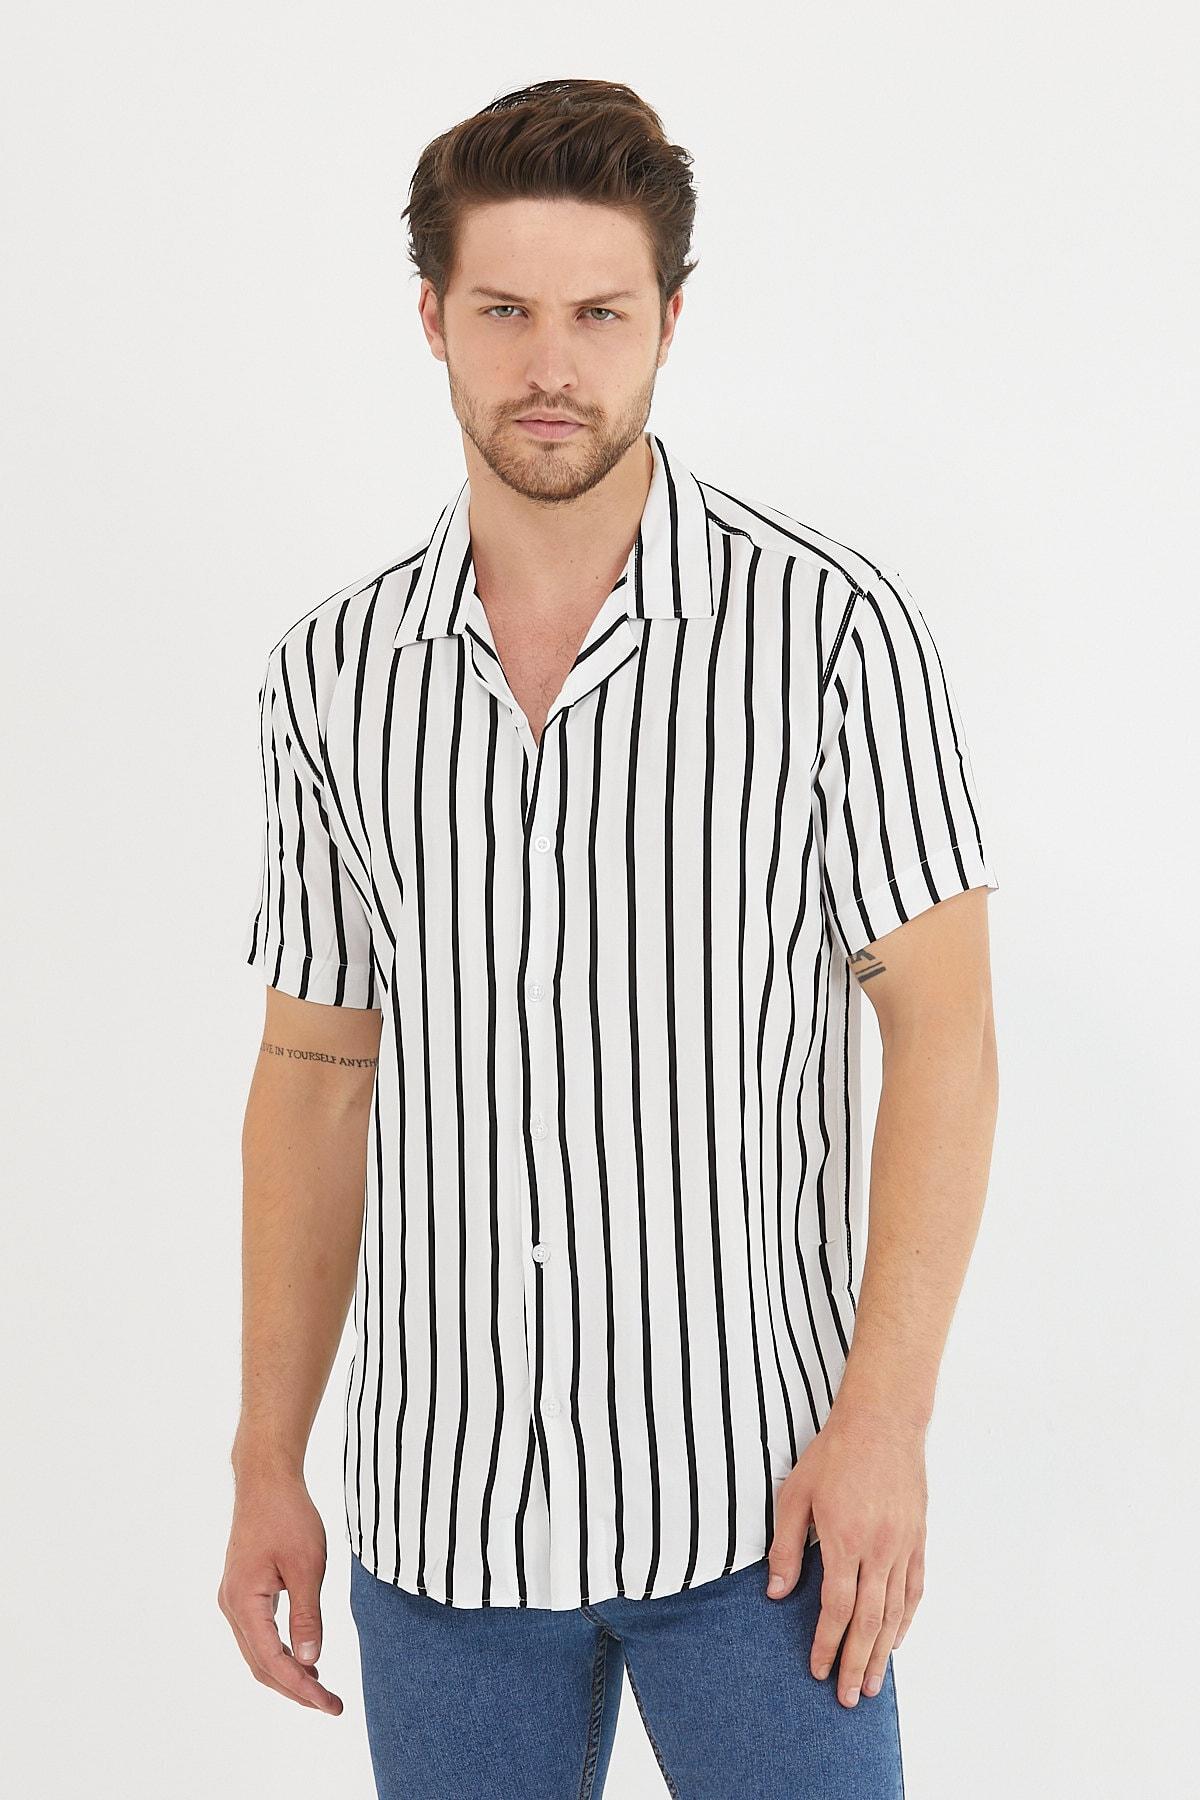 Erkek Beyaz Renk Siyah Şeritli Dökümlü Regular Fit Apaş Yaka Kısa Kollu Yazlık Viskon Gömlek